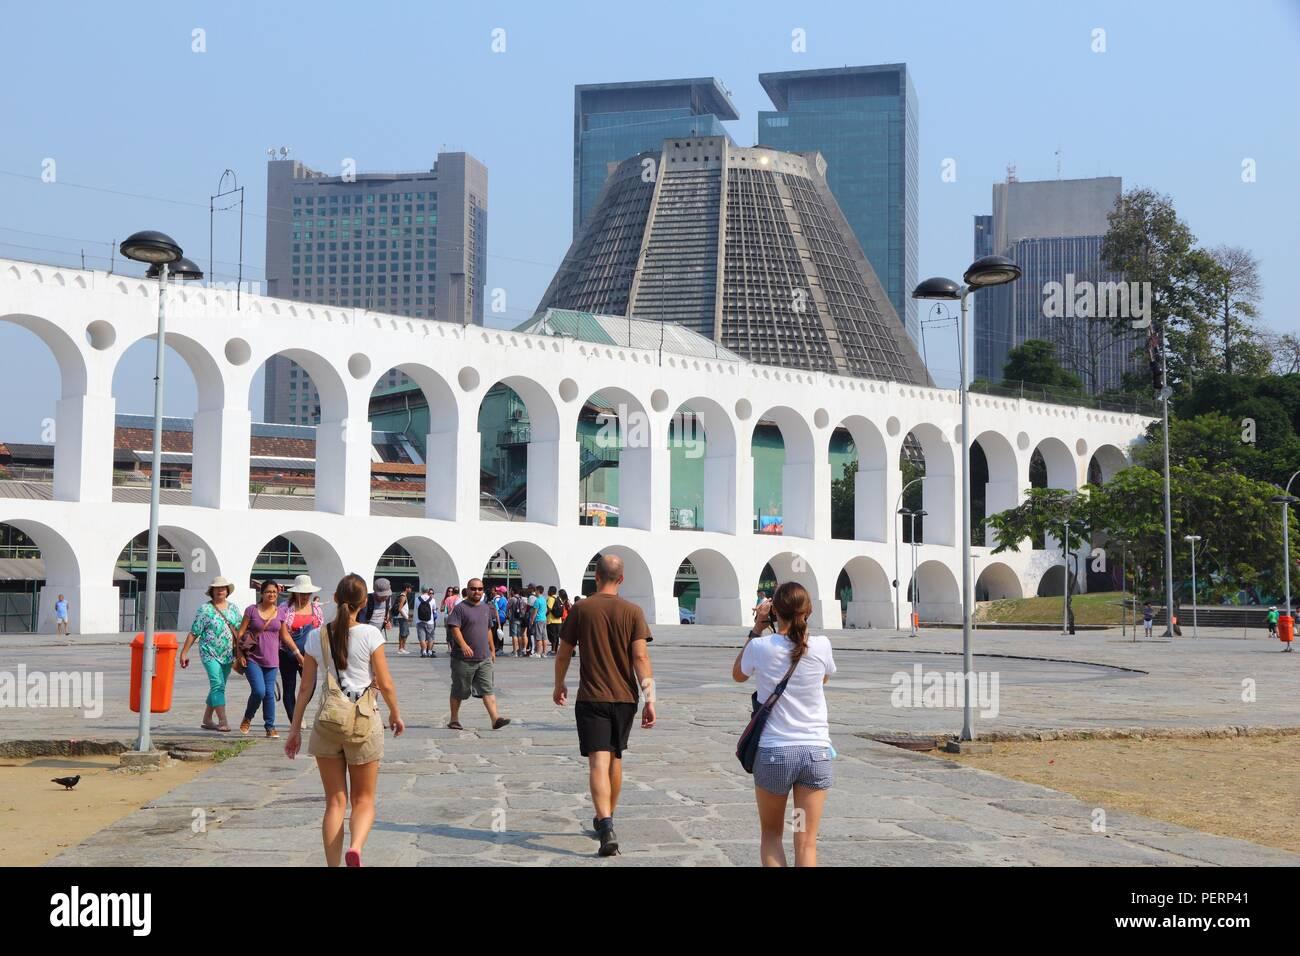 RIO DE JANEIRO, Brasile - 19 ottobre 2014: la gente visita quartiere Lapa di Rio de Janeiro. Nel 2013 1,6 milioni di turisti internazionali visitato Rio. Foto Stock